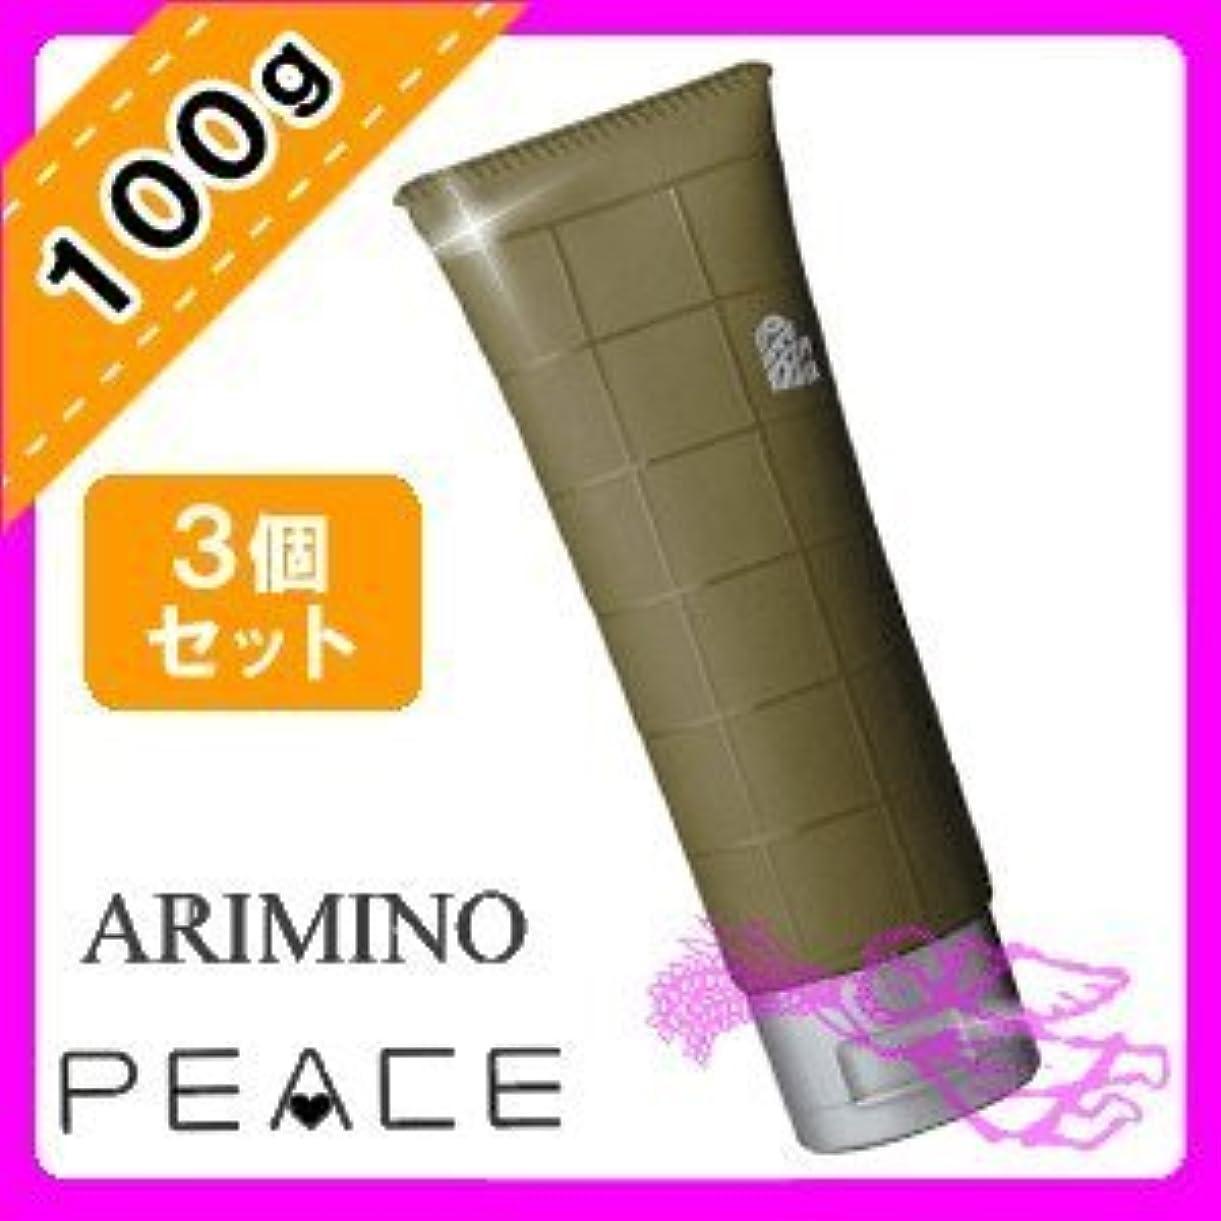 戦い発音音声アリミノ ピース ウェットオイル ワックス 100g ×3個セット arimino PEACE